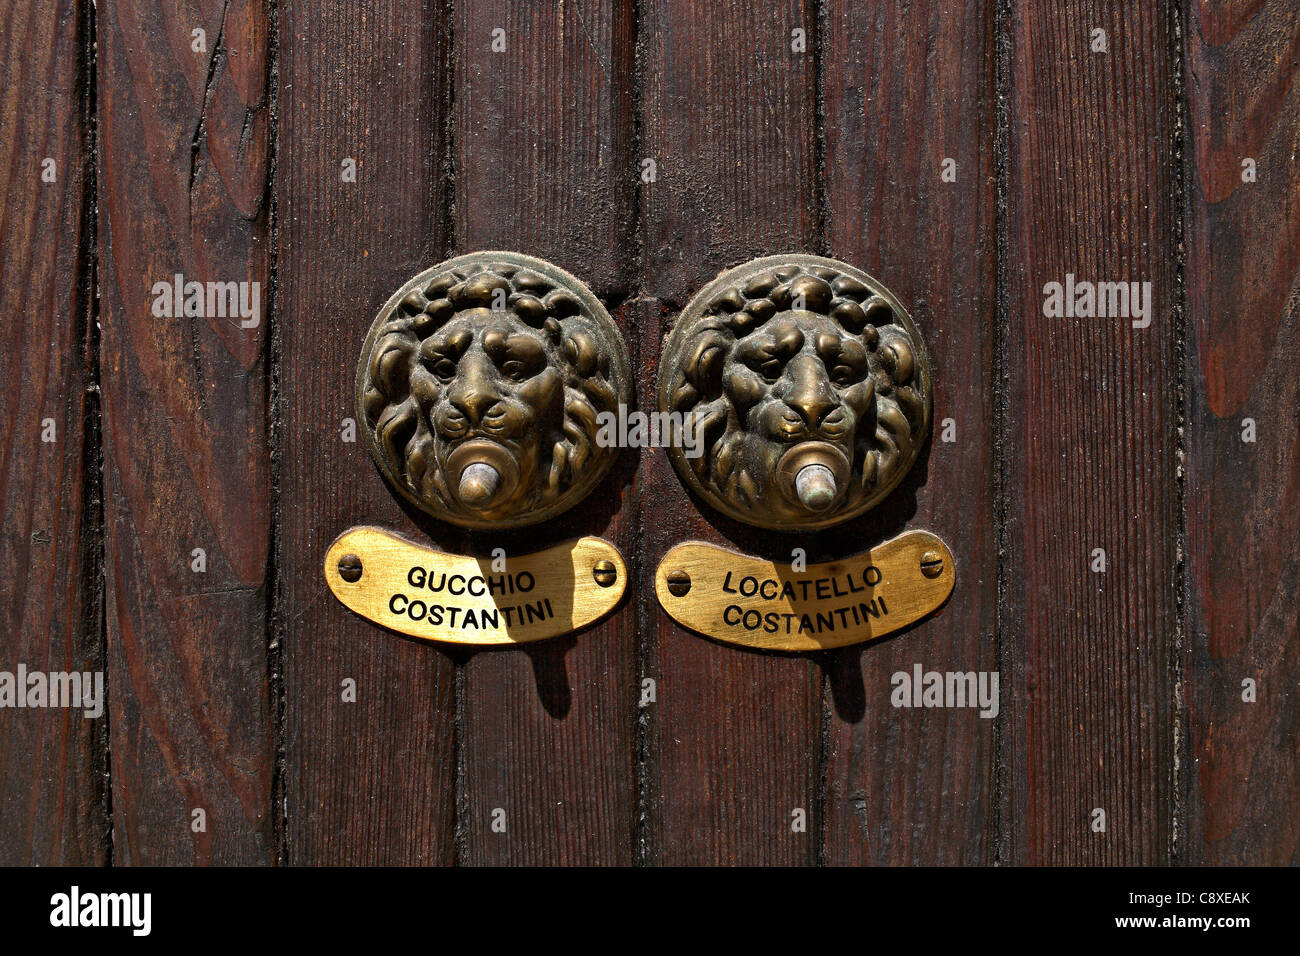 Brass Lion Head Door Bells on Wooden Doors with Name Plates Venice Italy & Brass Lion Head Door Bells on Wooden Doors with Name Plates Venice ...